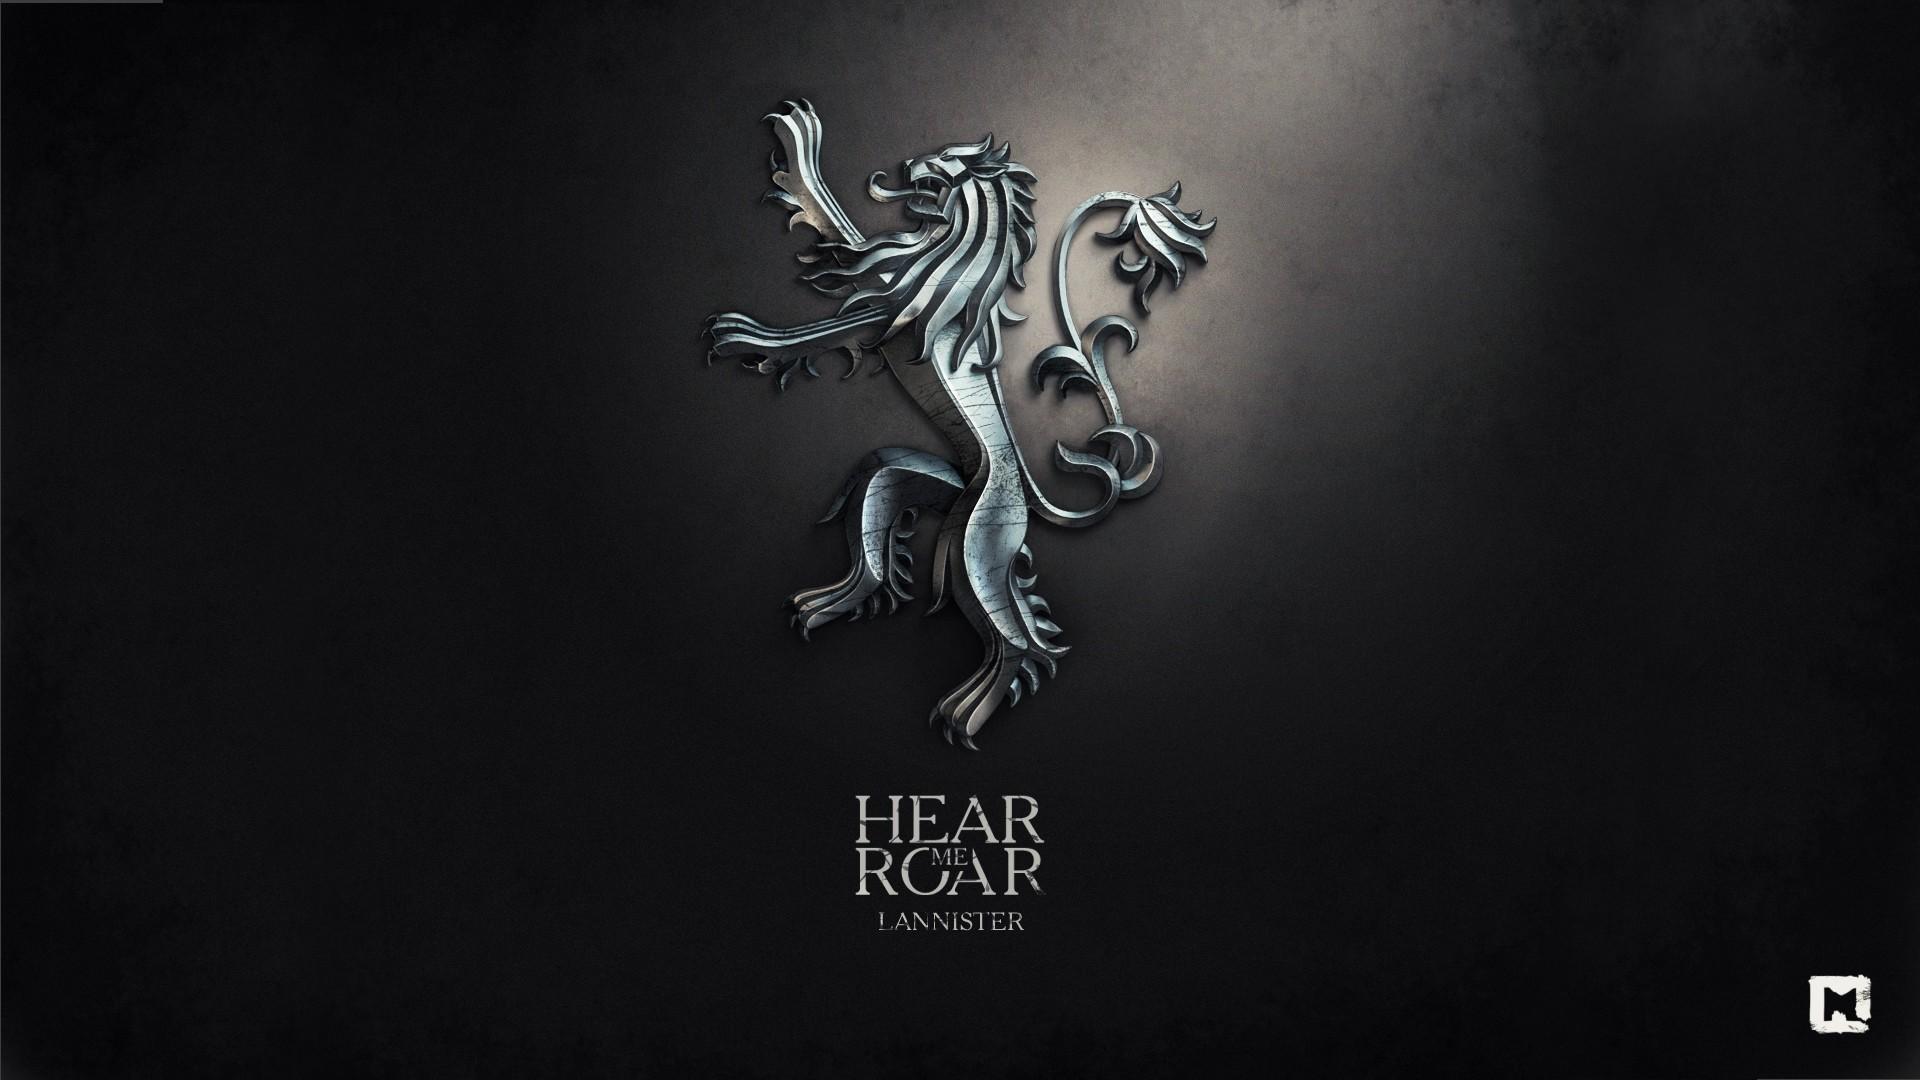 House Lannister Sigil, Heat me Roar